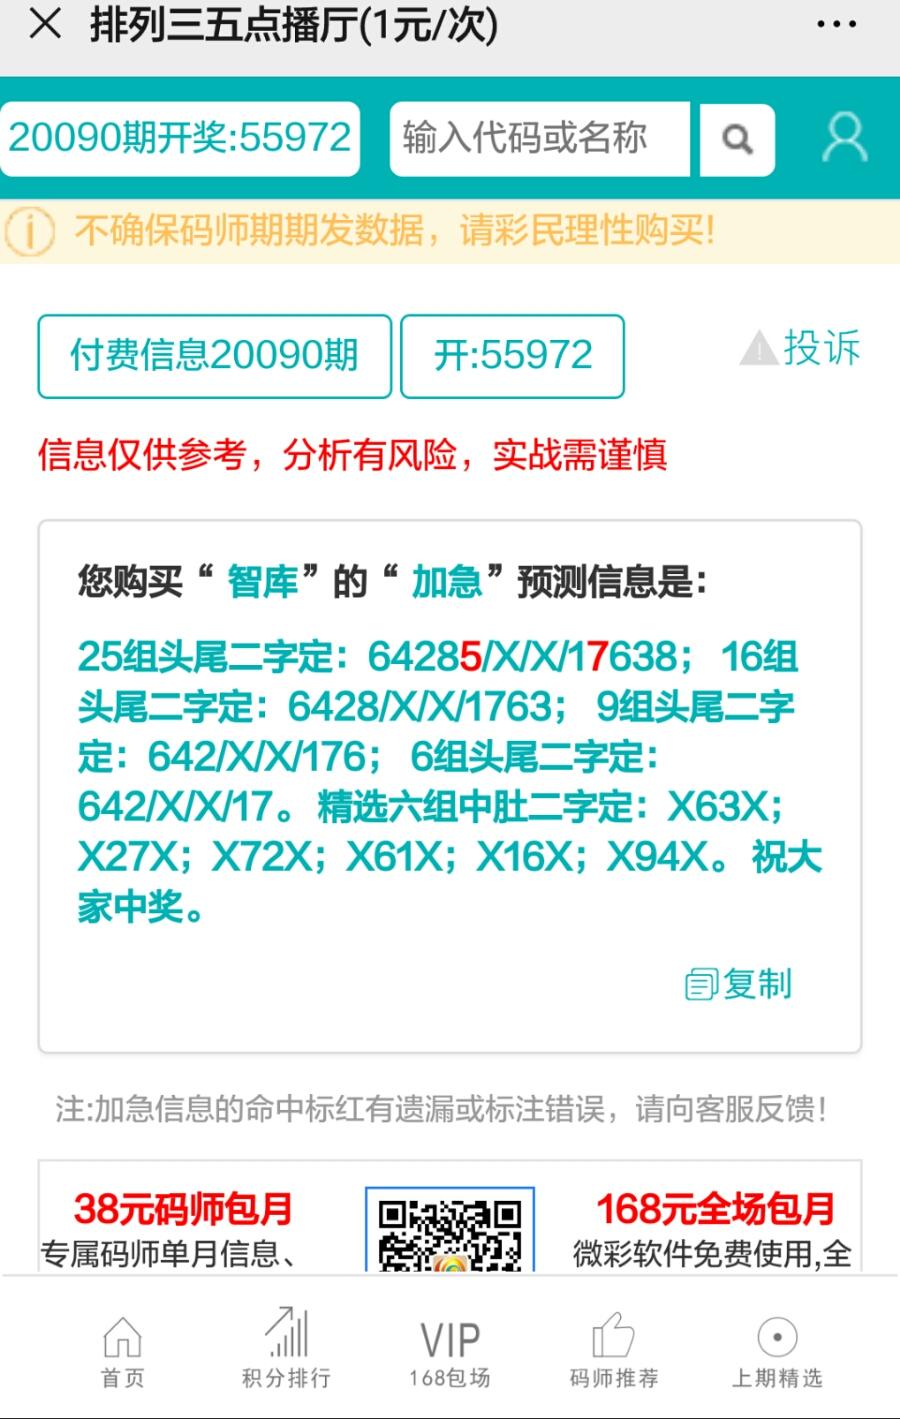 Screenshot_2020-05-19-21-18-31.jpg